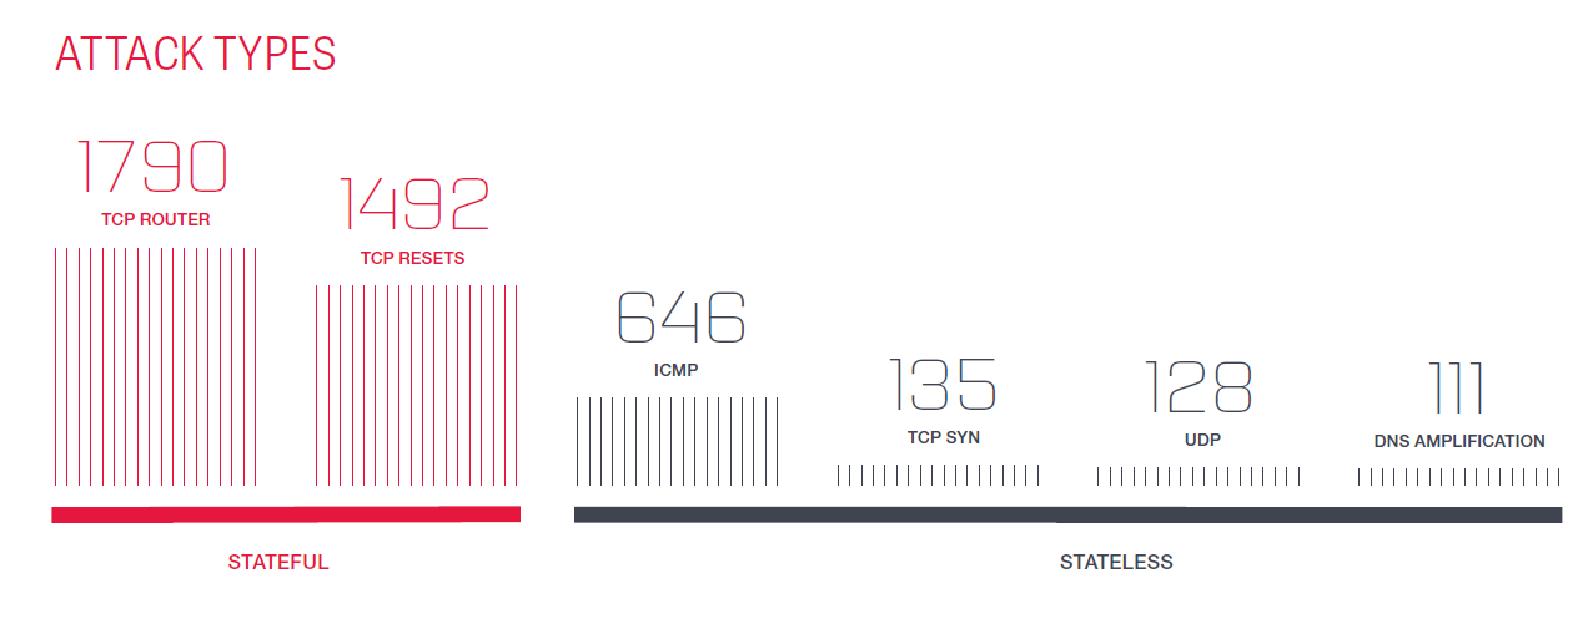 ddos атаки нападение и защита Блог компании ruvds com Хабрахабр Соотношение разных типов ddos атак по данным отчета verizon data breach investigations report dbir 2016 год